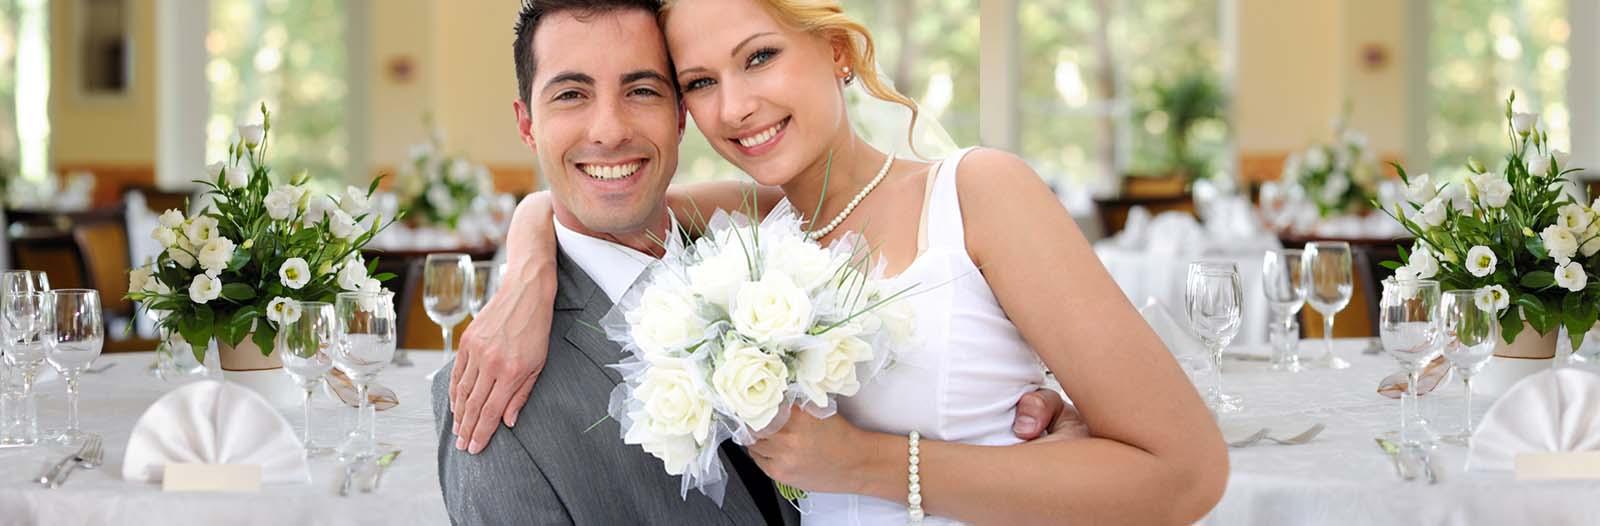 Svadbalist-vse-o-svadbe Заказать Приглашения на Свадьбу